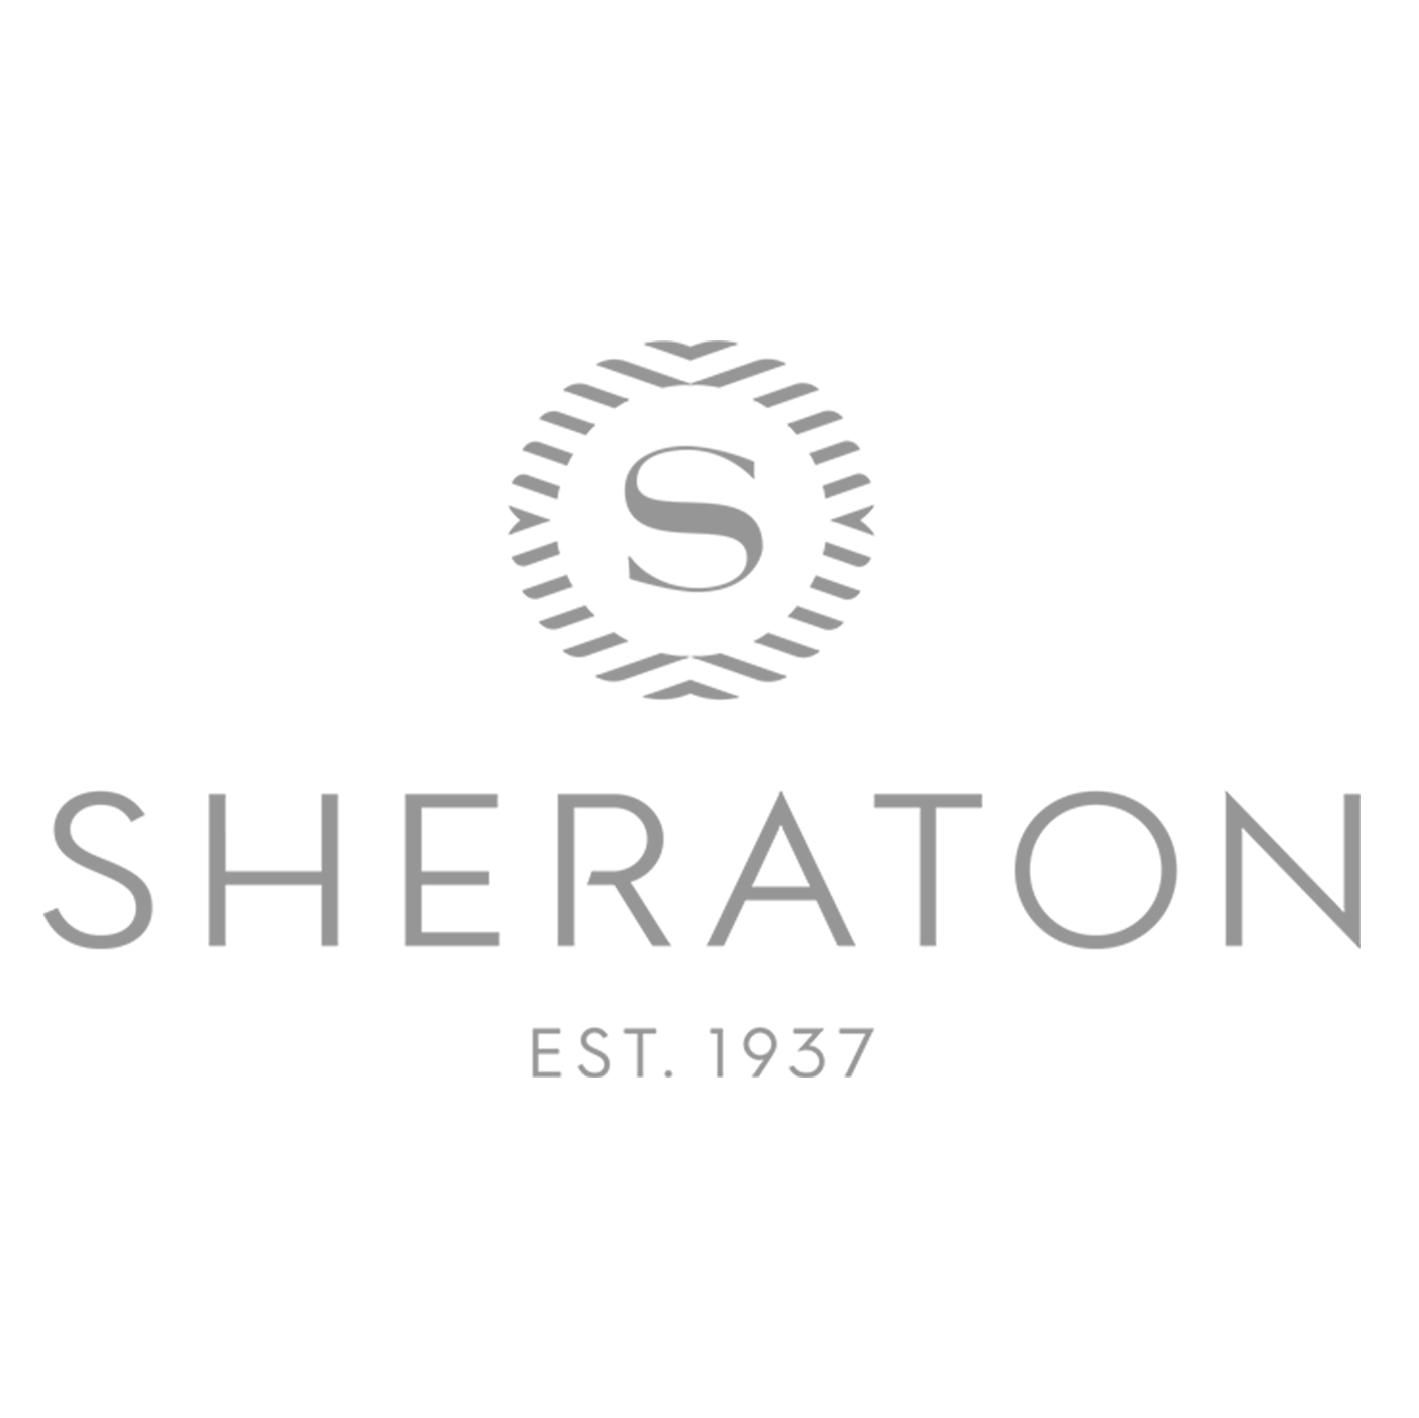 Sheraton NEW.jpg